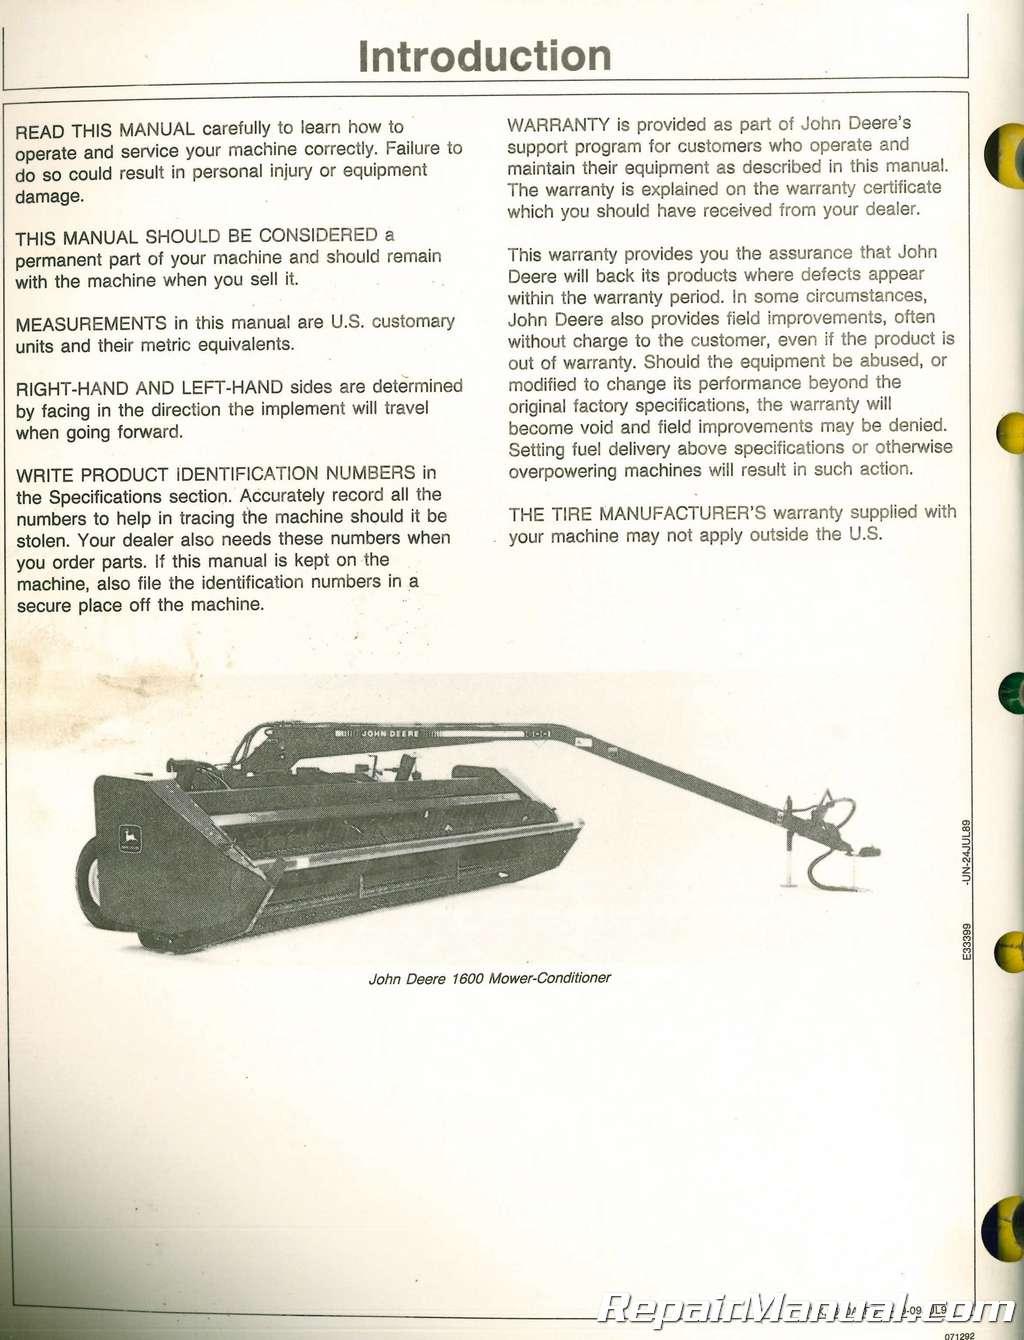 used john deere 1600 mower conditioner operators manual rh repairmanual com John Deere 1600 Turbo Aftermarket John Deere Mower Decks